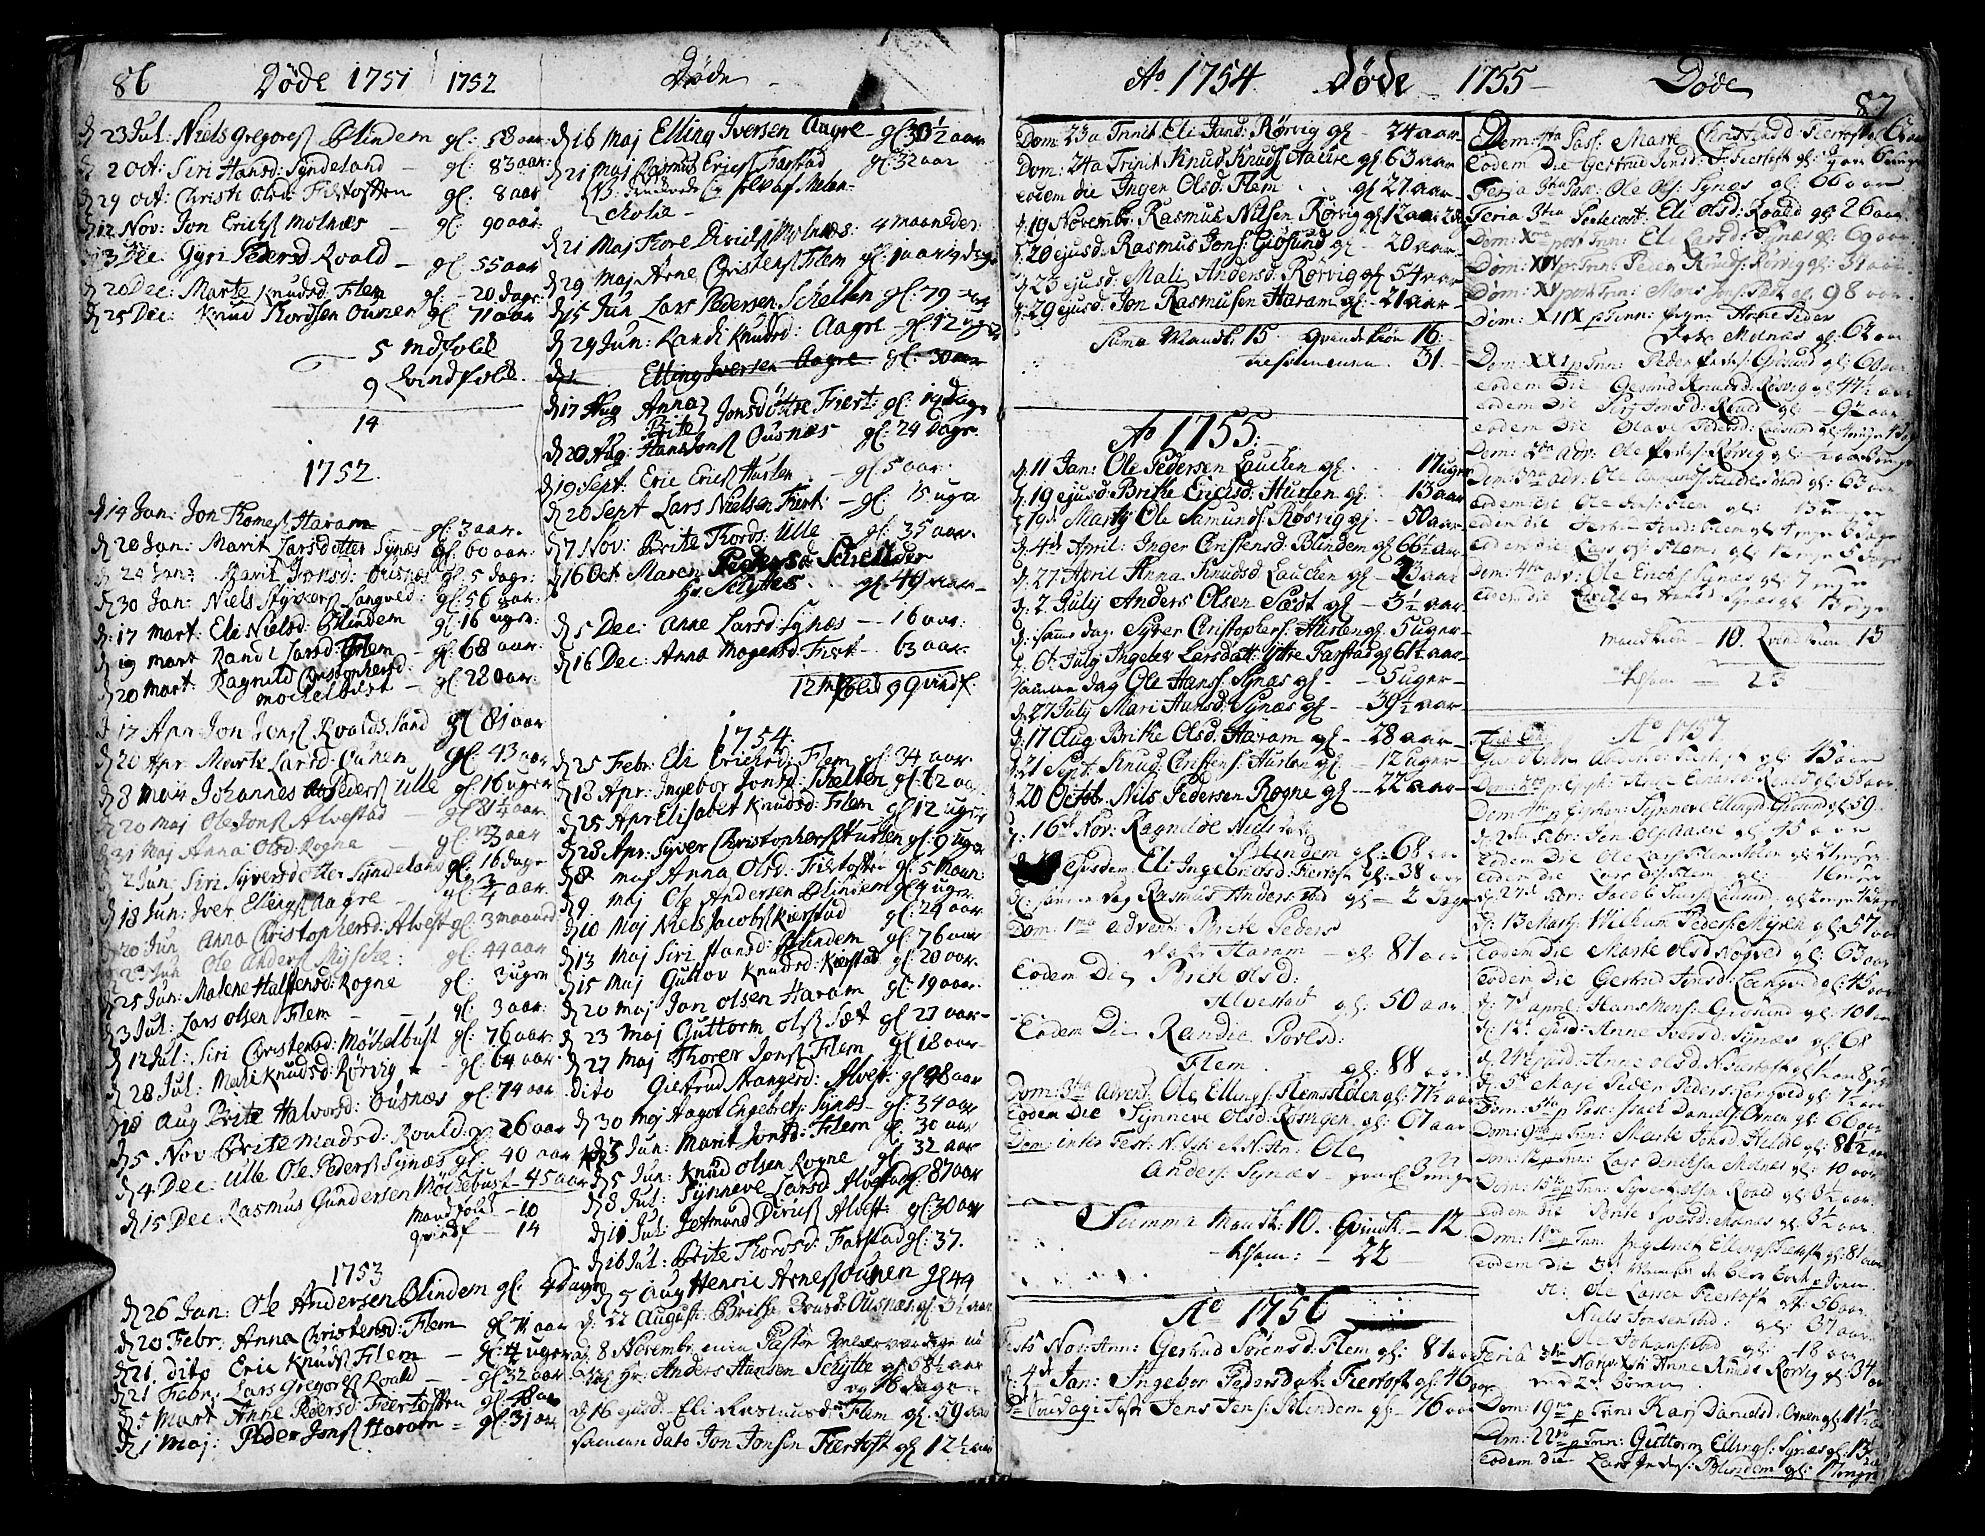 SAT, Ministerialprotokoller, klokkerbøker og fødselsregistre - Møre og Romsdal, 536/L0493: Ministerialbok nr. 536A02, 1739-1802, s. 86-87